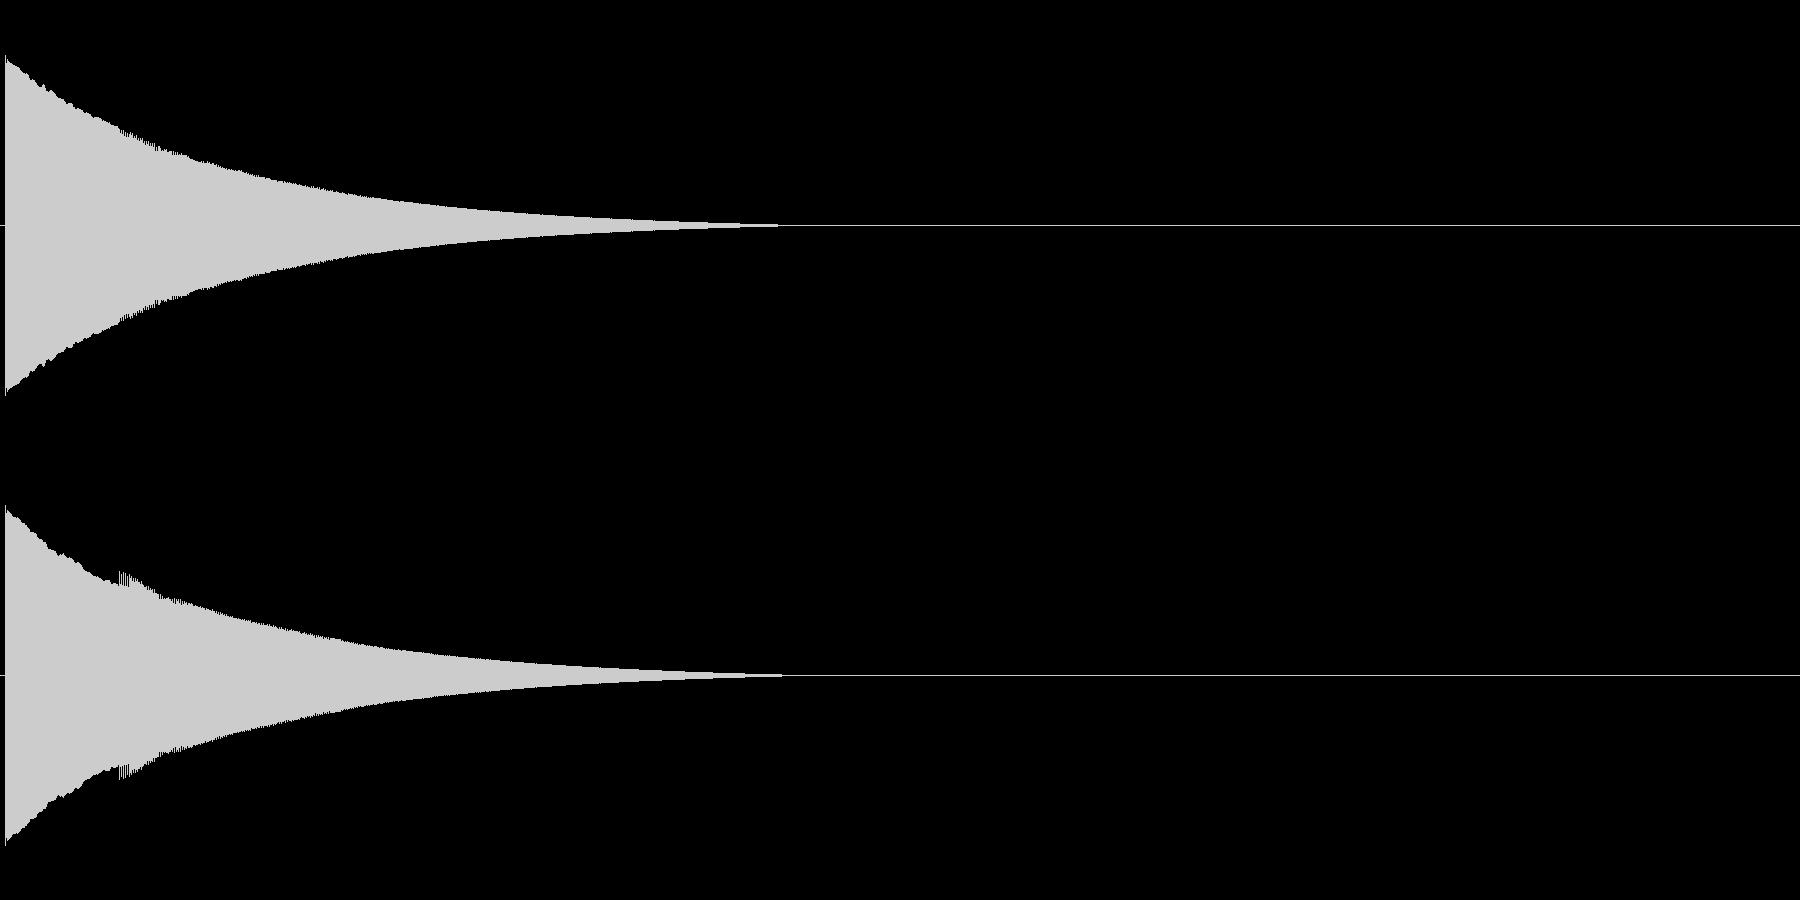 ピローン、ピコーンといった効果音 高いラの未再生の波形